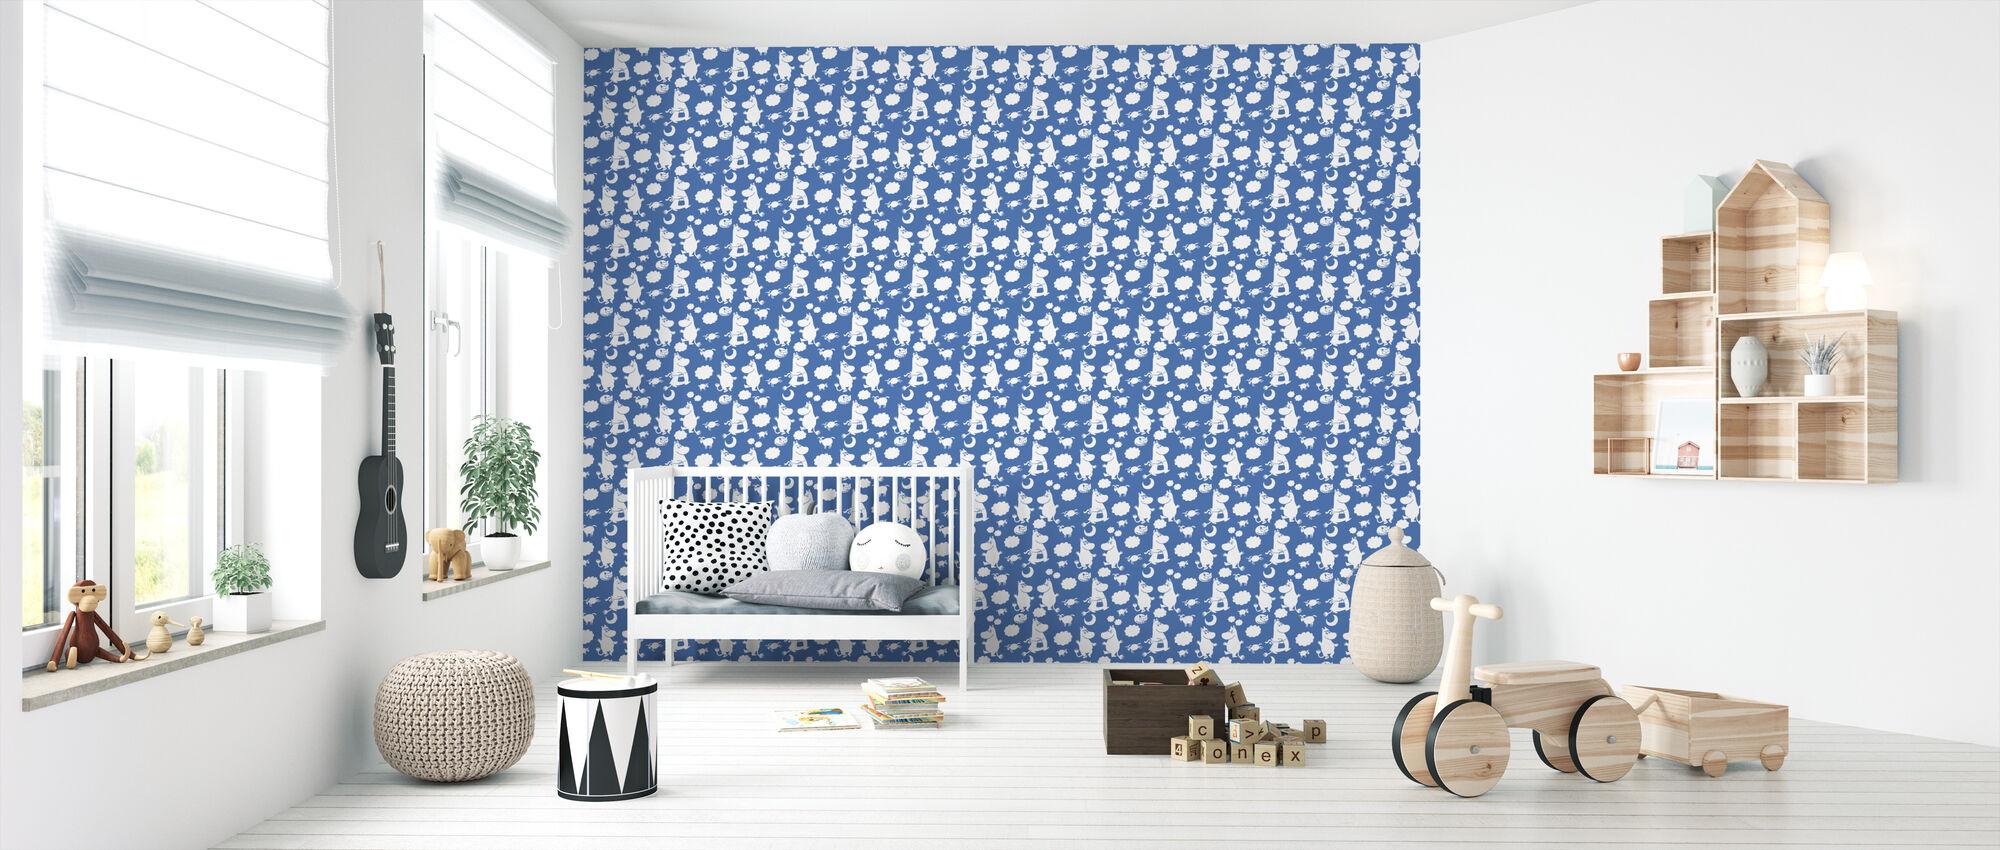 Muumi Retro Pattern - Sininen - Tapetti - Vauvan huone